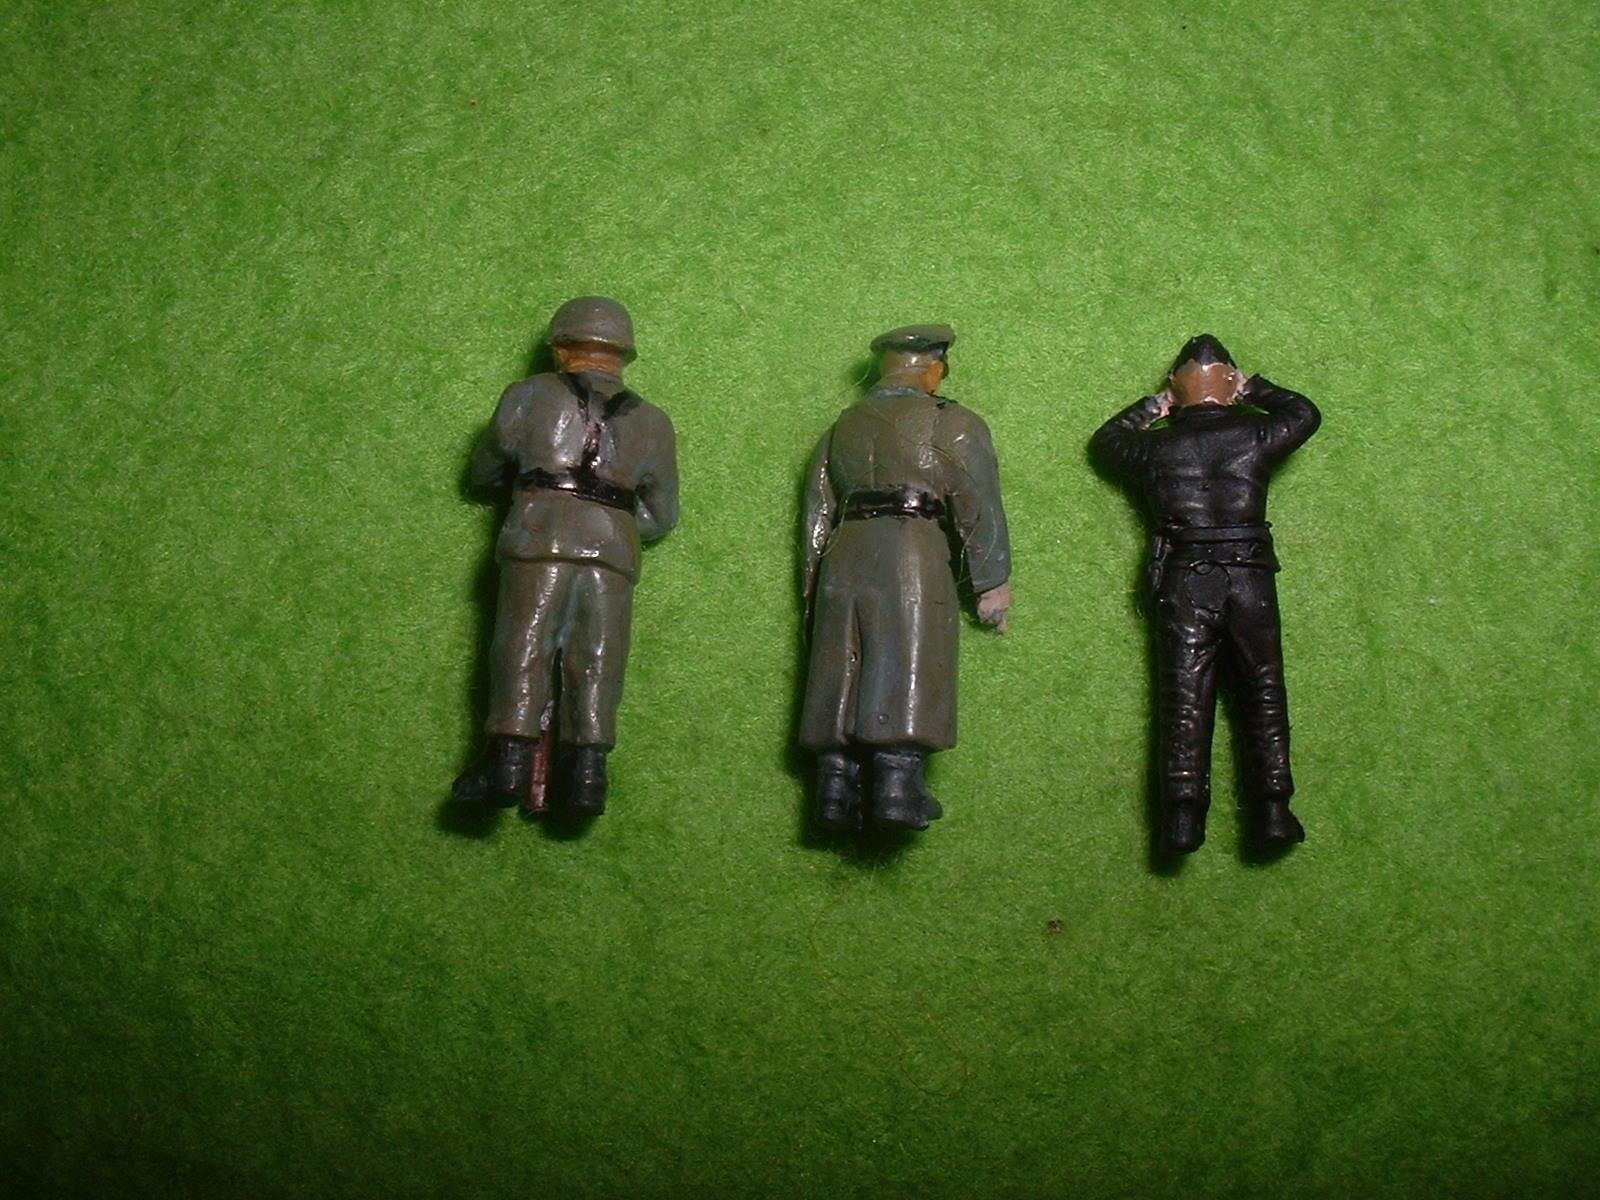 フジミ 76分の1「Sd.Kfz .222」付属人形その2.JPG